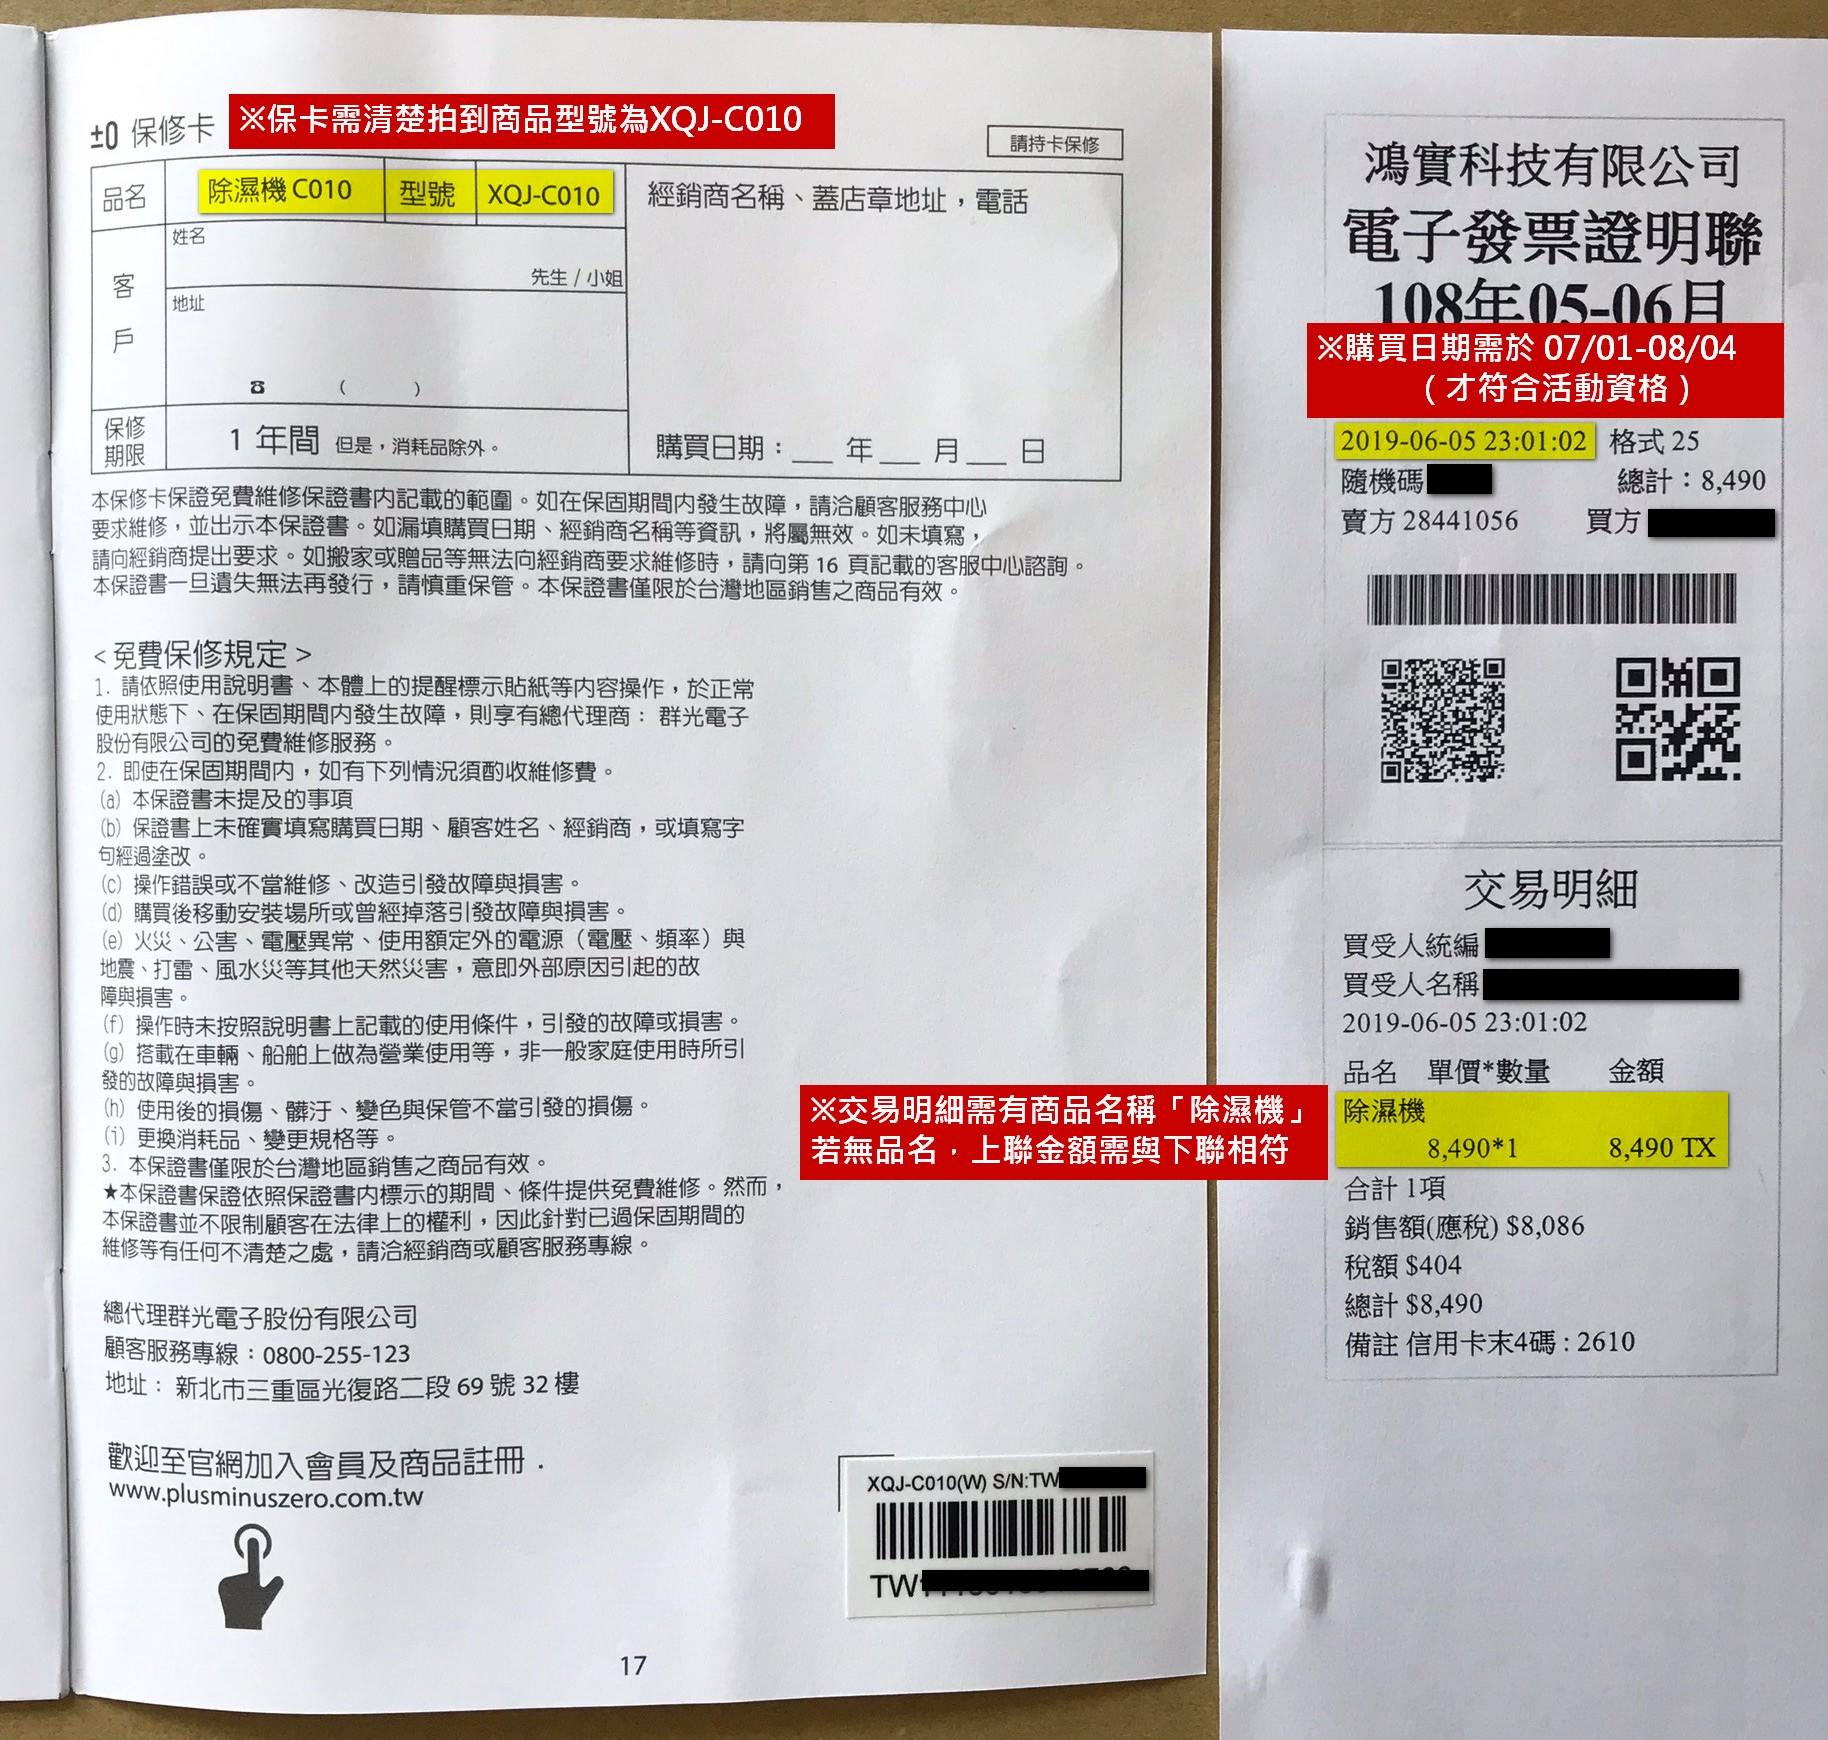 【響應政府補貼貨物稅|鼓勵綠色消費】送500元7-11禮券!